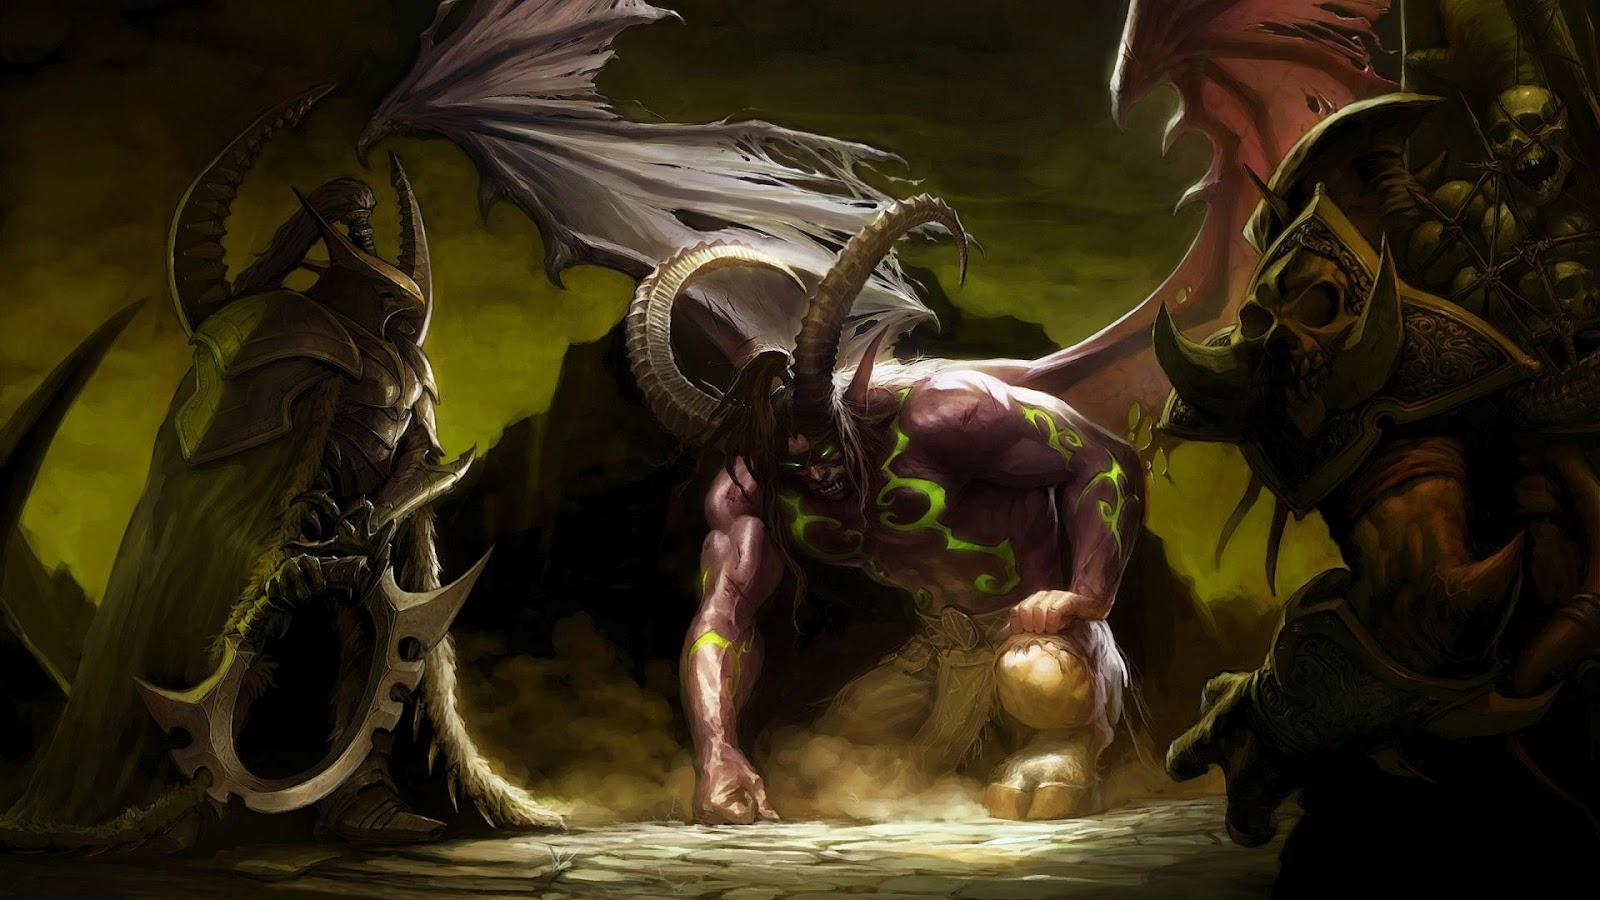 http://2.bp.blogspot.com/-6QqNXMF_9BU/UA6qfPeUmoI/AAAAAAAAA40/UJK-qCP-eMI/s1600/world-of-warcraft-online-game-wallpaper_1920x1080_85682.jpg